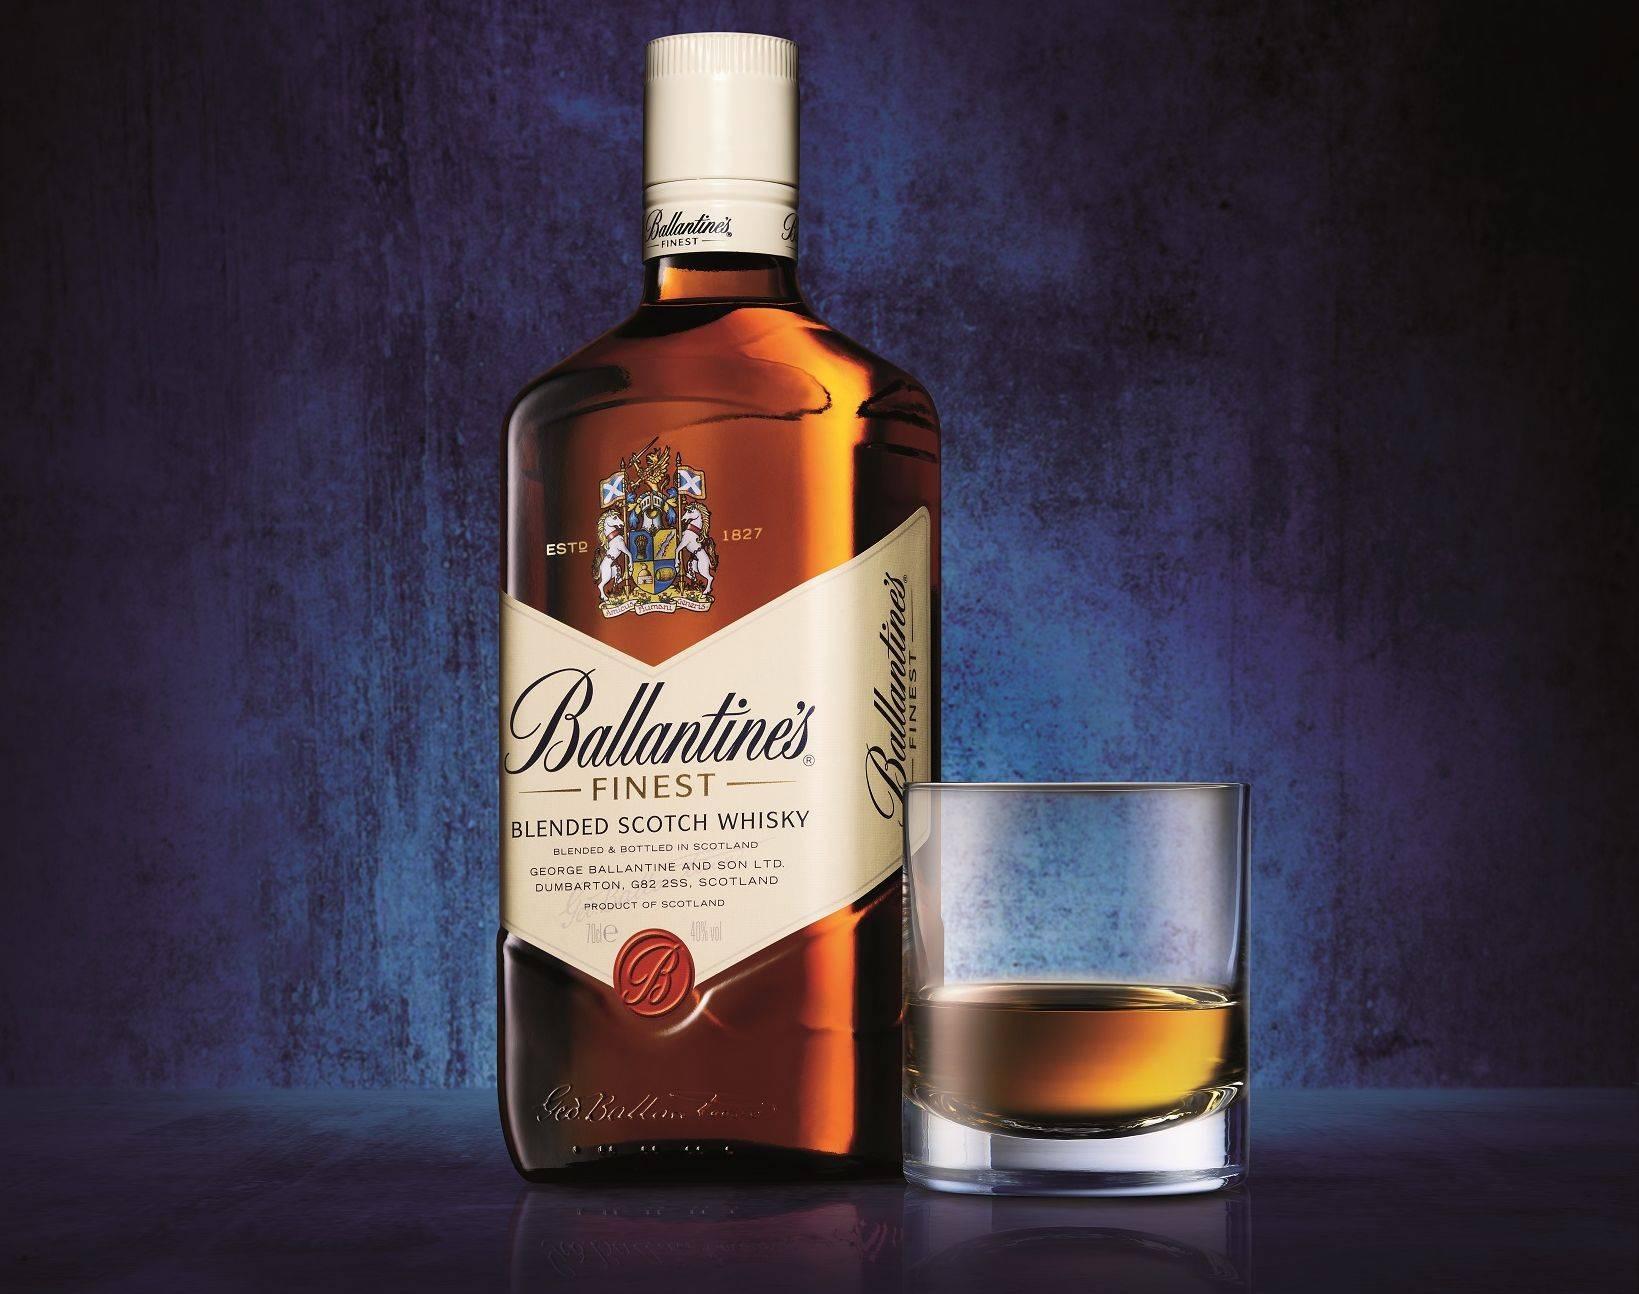 Виски ballantines (баллантайнс): описание и виды марки